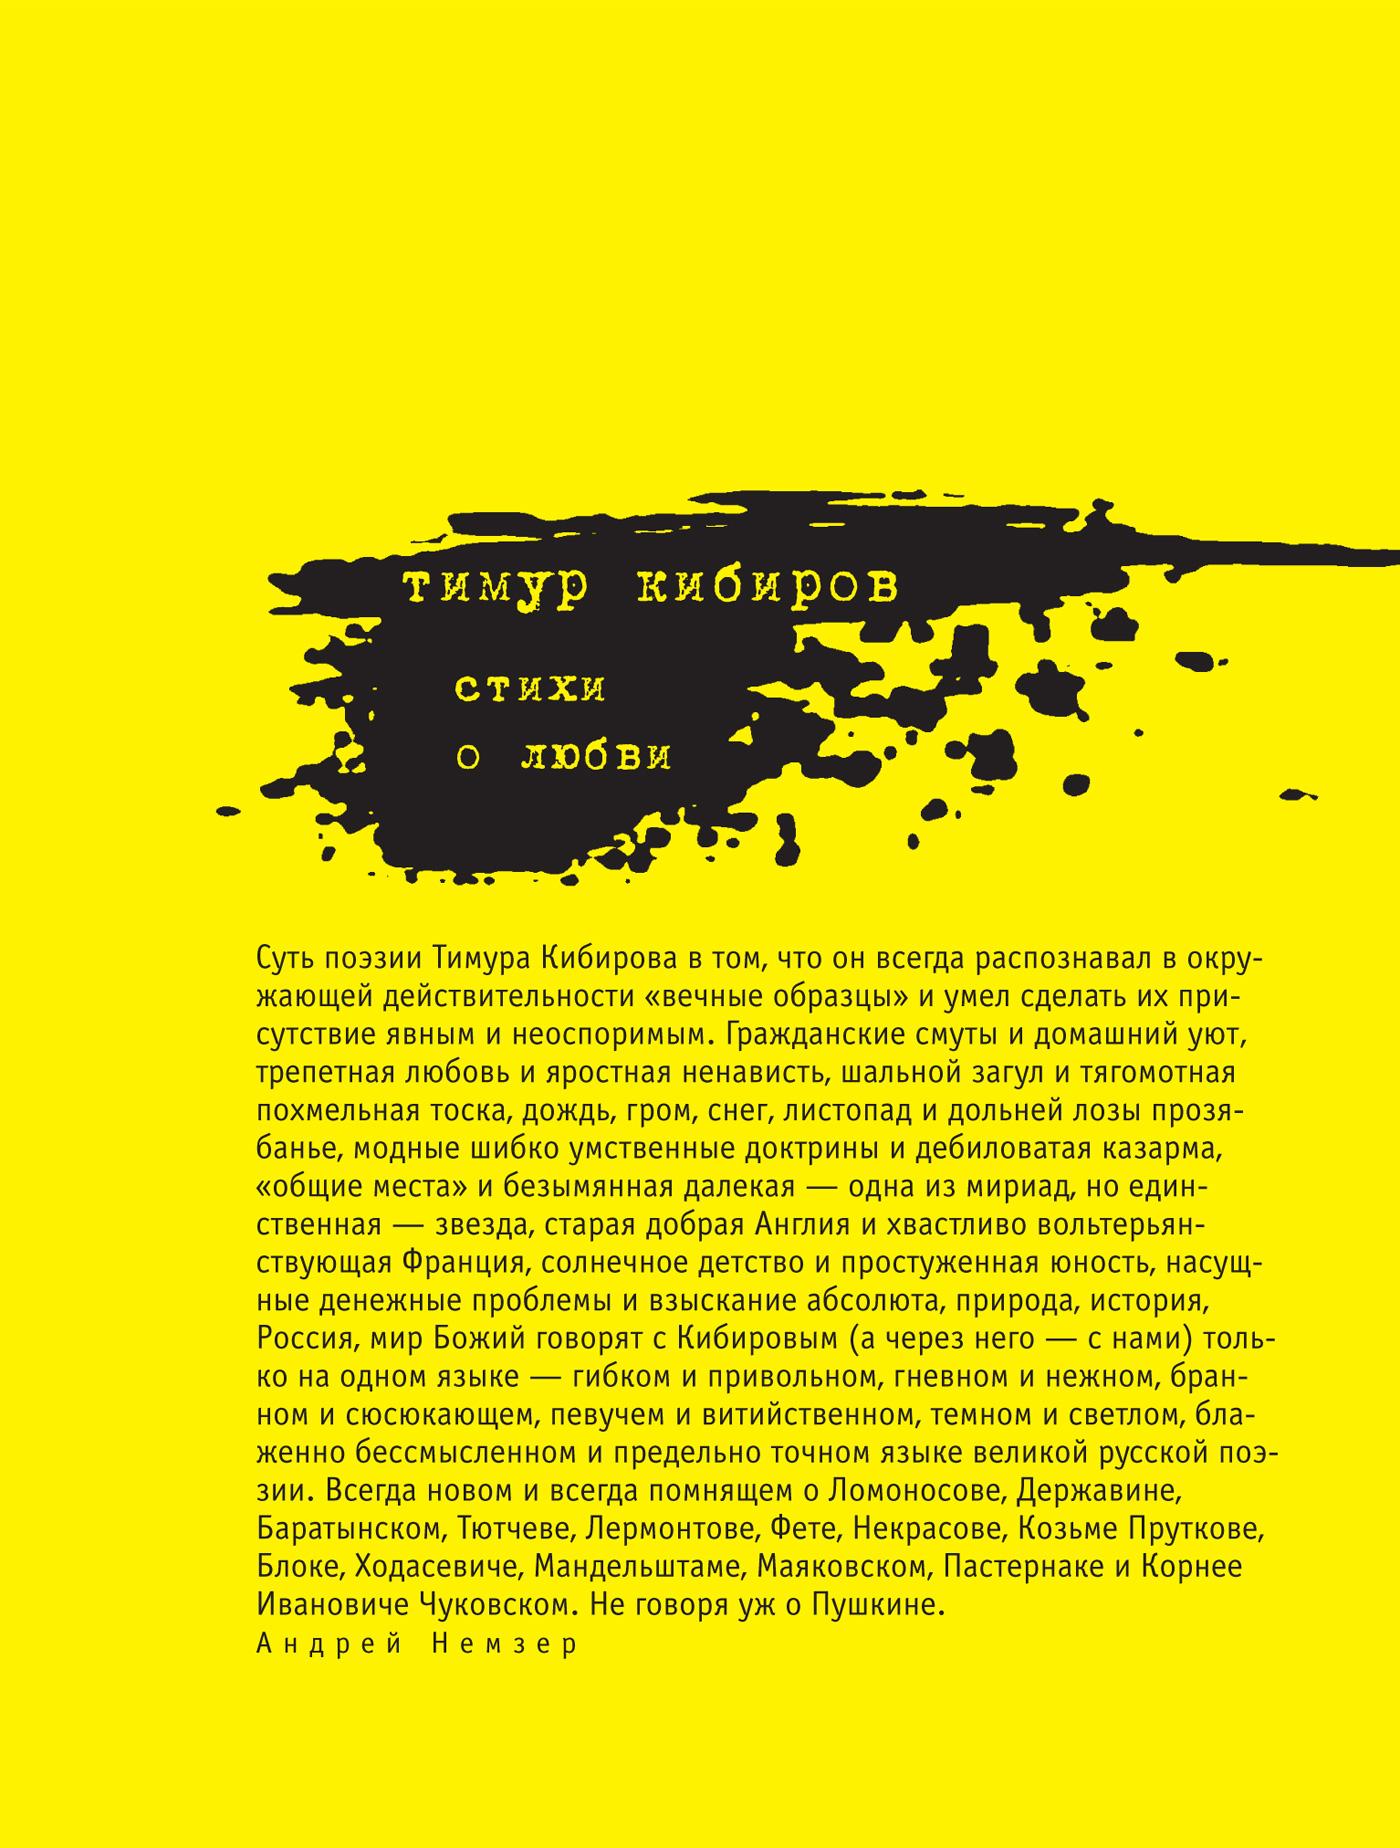 Тимур Кибиров Стихи олюбви (сборник) ирен короткова стихи о любви сборник стихов